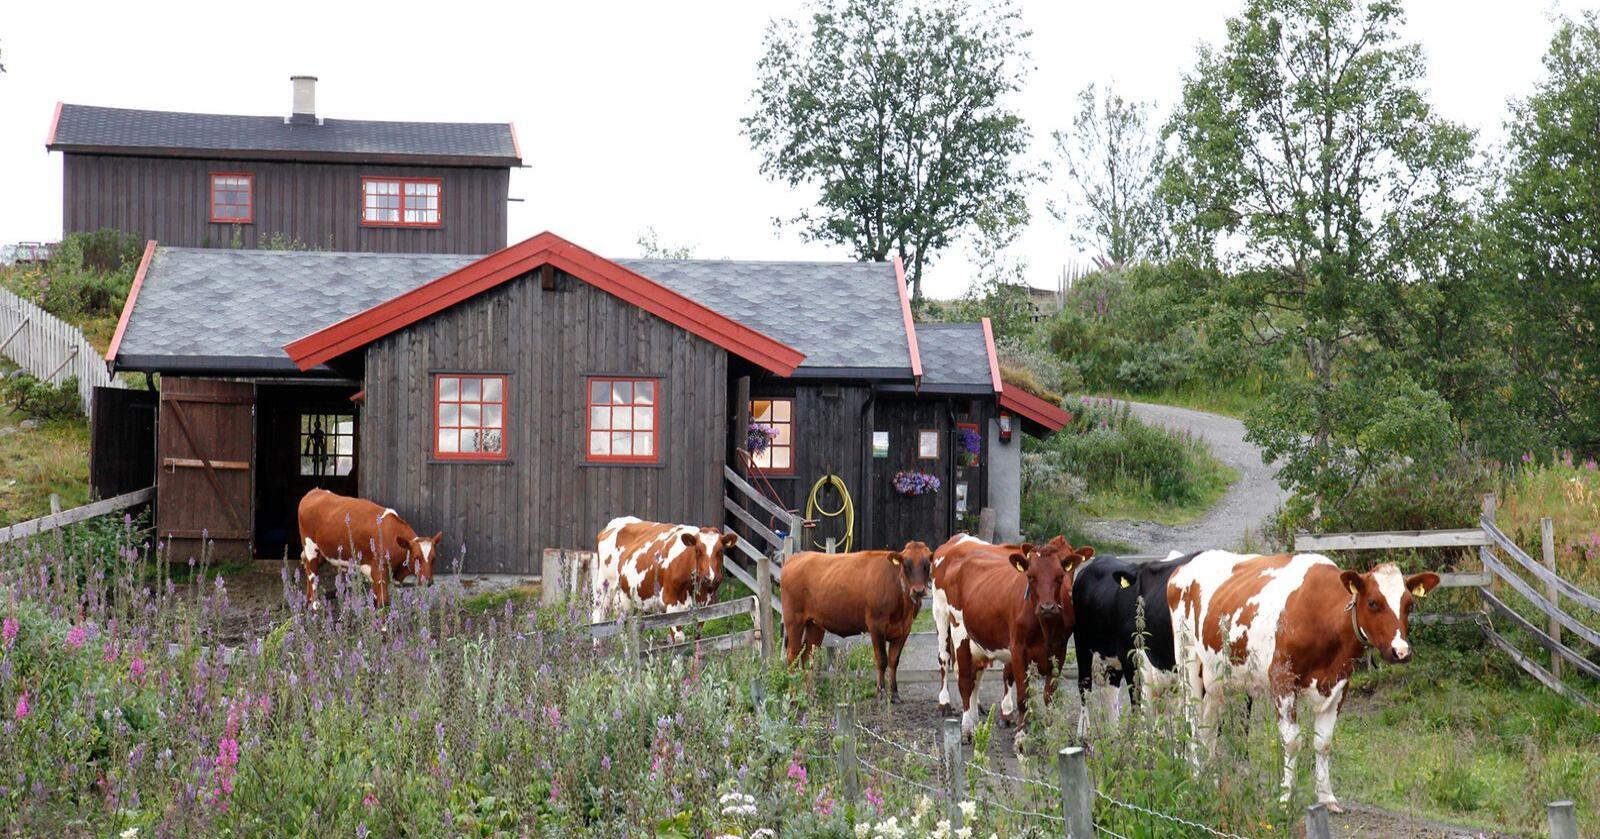 Strandmo Stølsysteri i Valdres. Foto: Oskar Puschmann